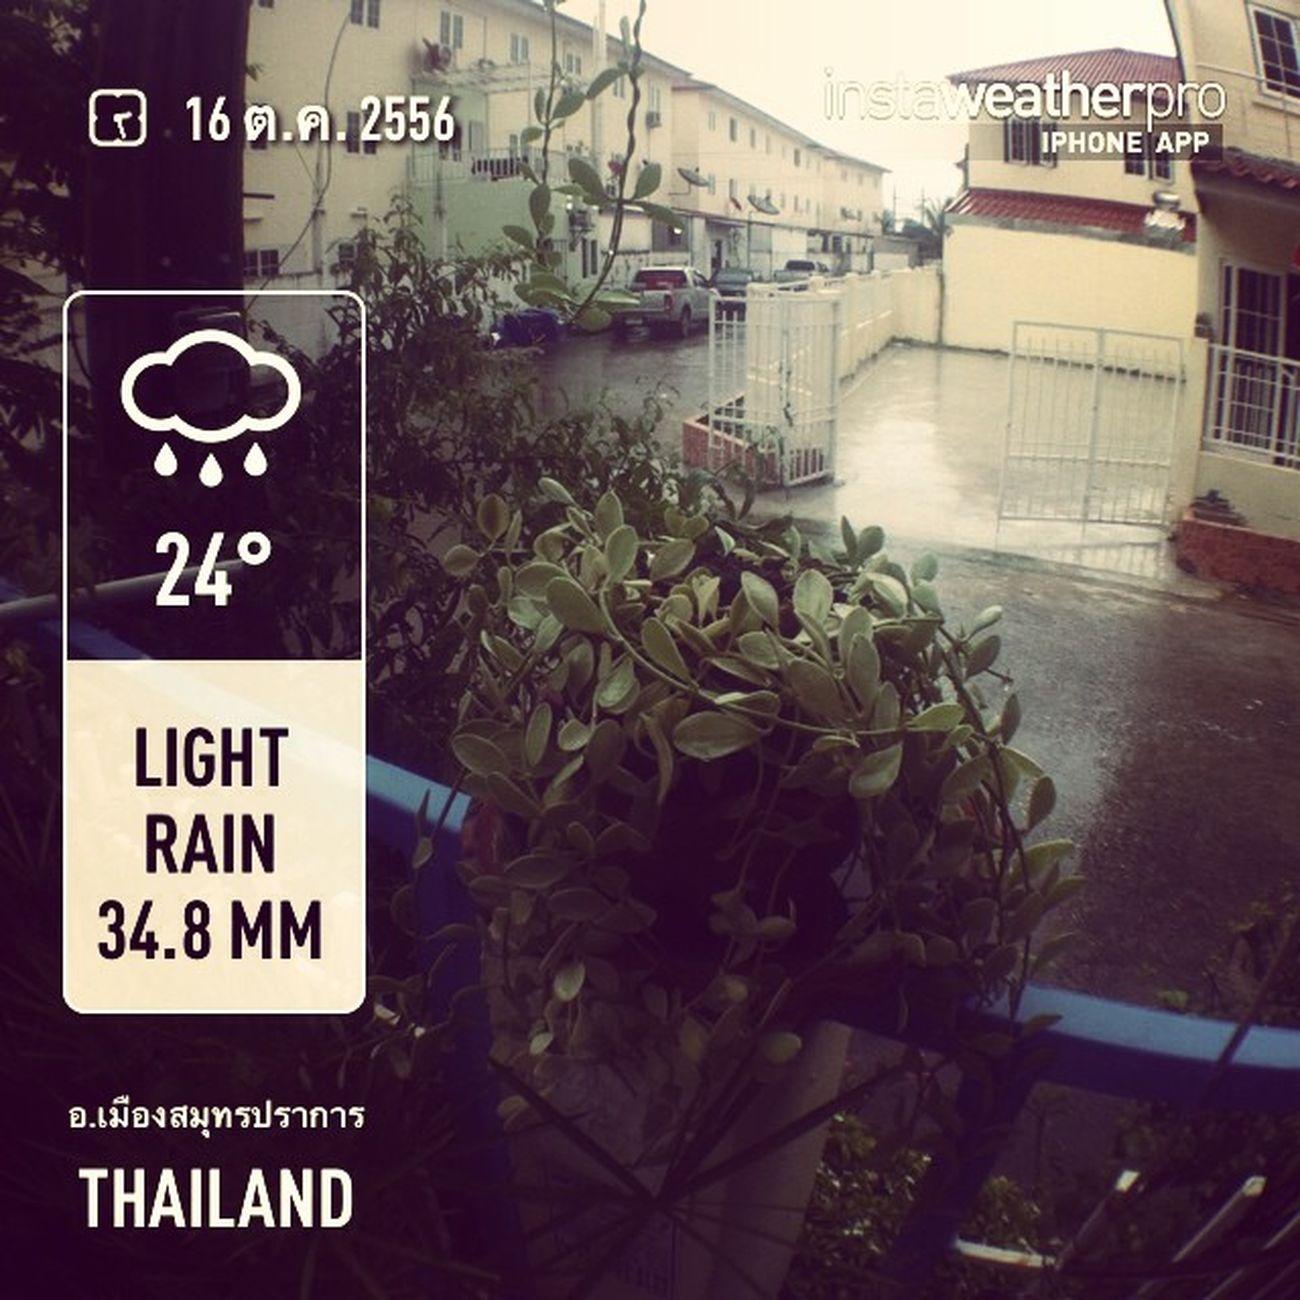 บรรยากาศวันนี้ มันน่า...มาก มันน่านอนดีจริงๆ อิอิ Weather Instaweather Instaweatherpro อเมืองสมุทรปราการ Thailand